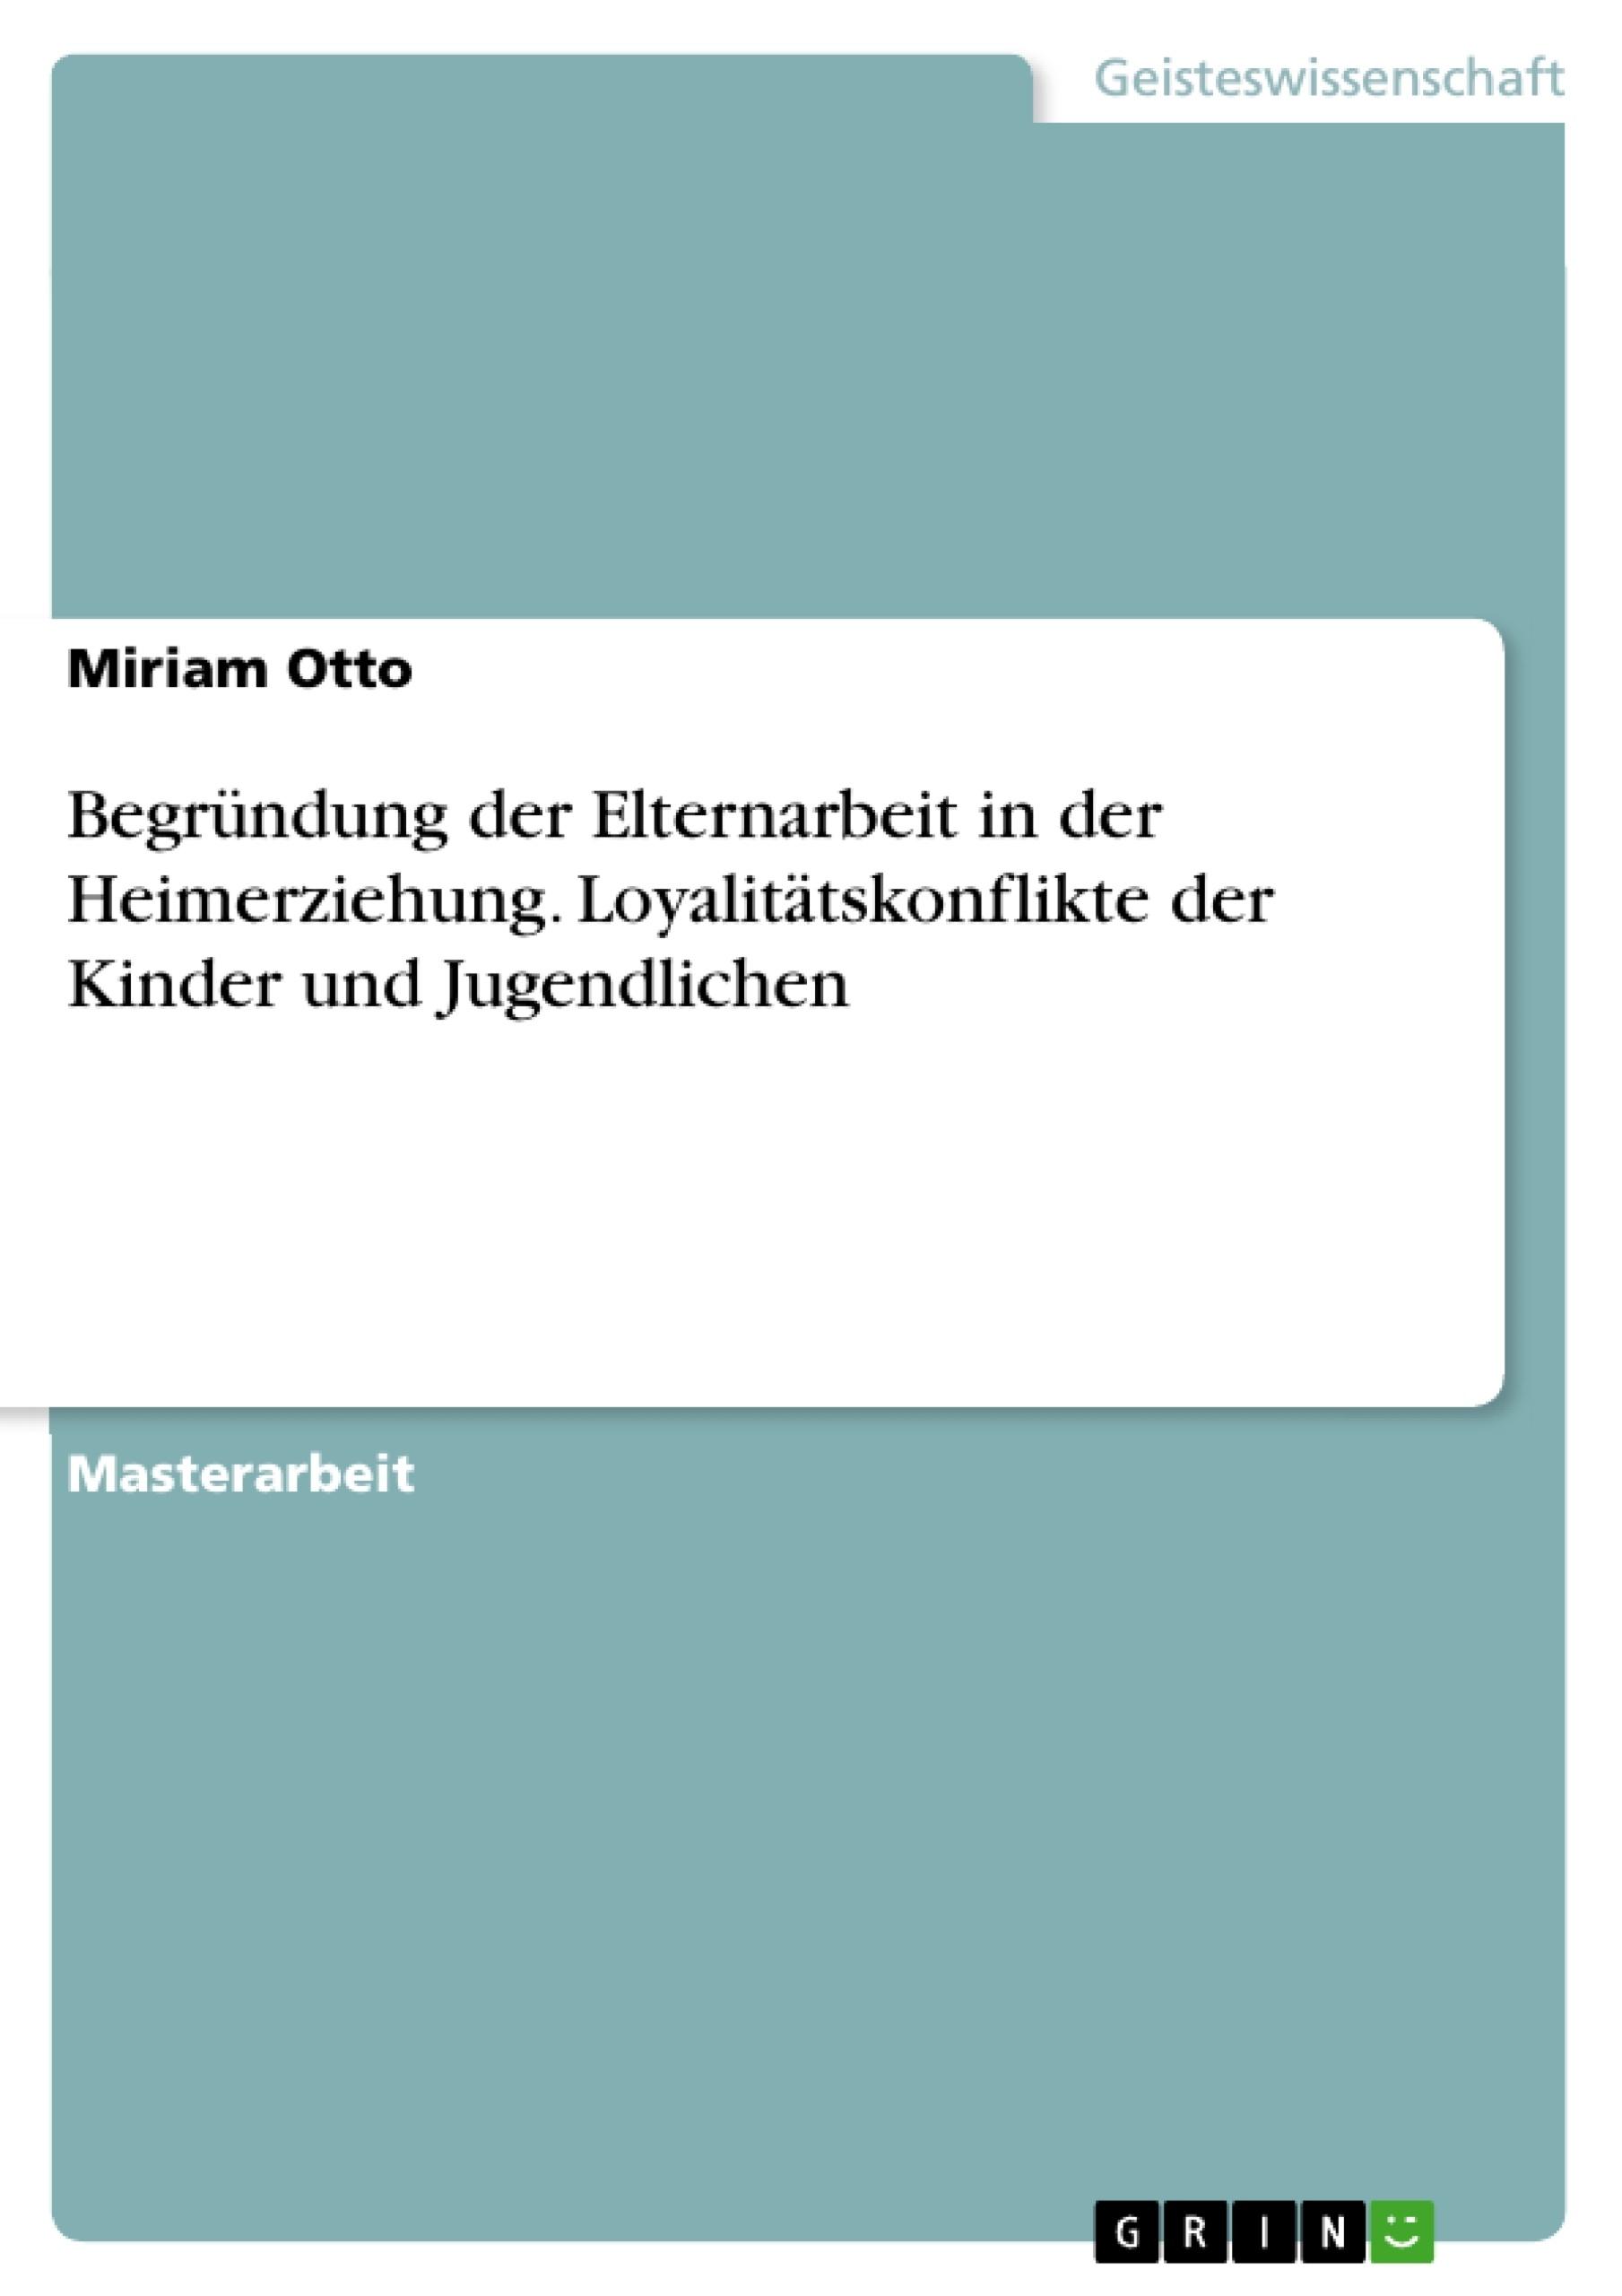 Titel: Begründung der Elternarbeit in der Heimerziehung. Loyalitätskonflikte der Kinder und Jugendlichen